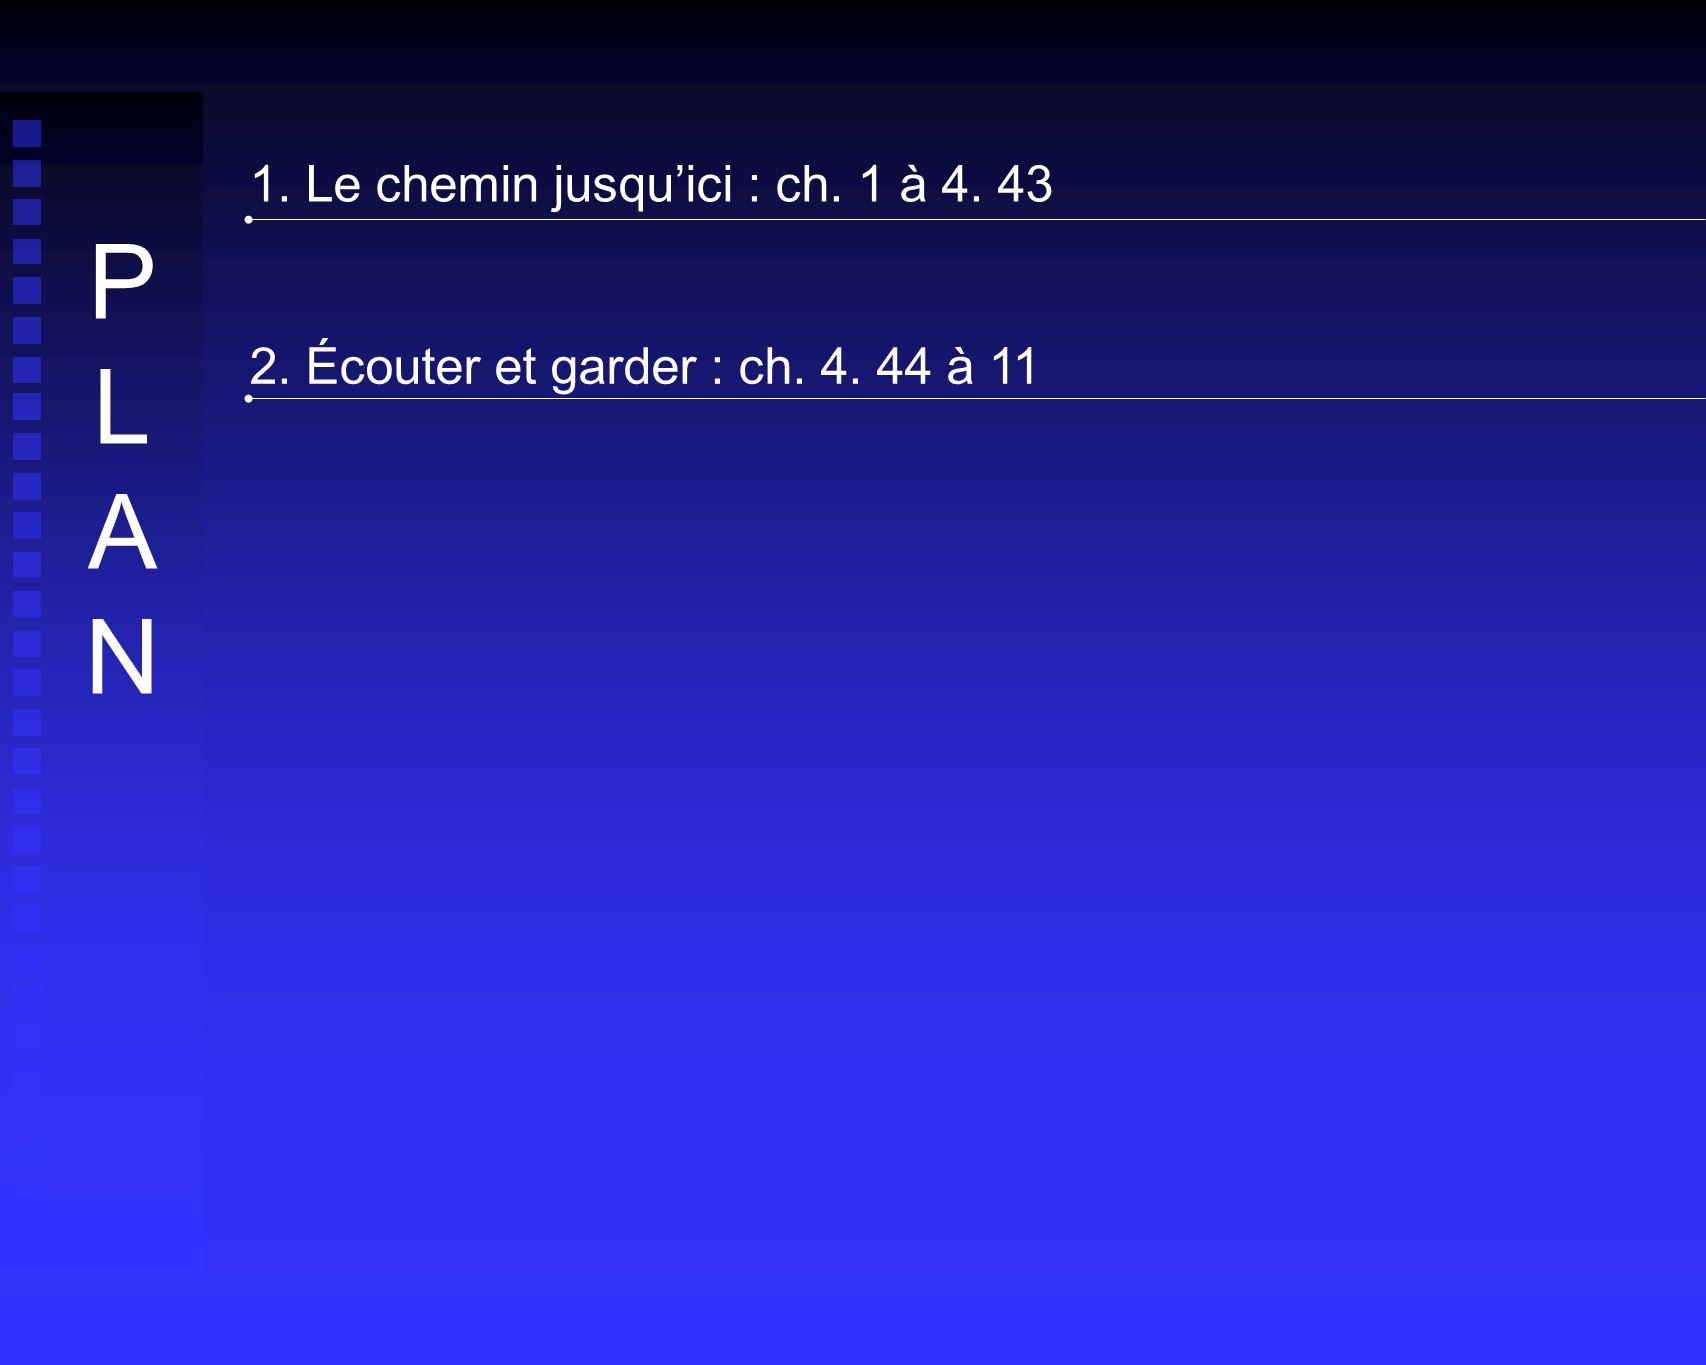 1. Le chemin jusquici : ch. 1 à 4. 43 2. Écouter et garder : ch. 4. 44 à 11 PLANPLAN